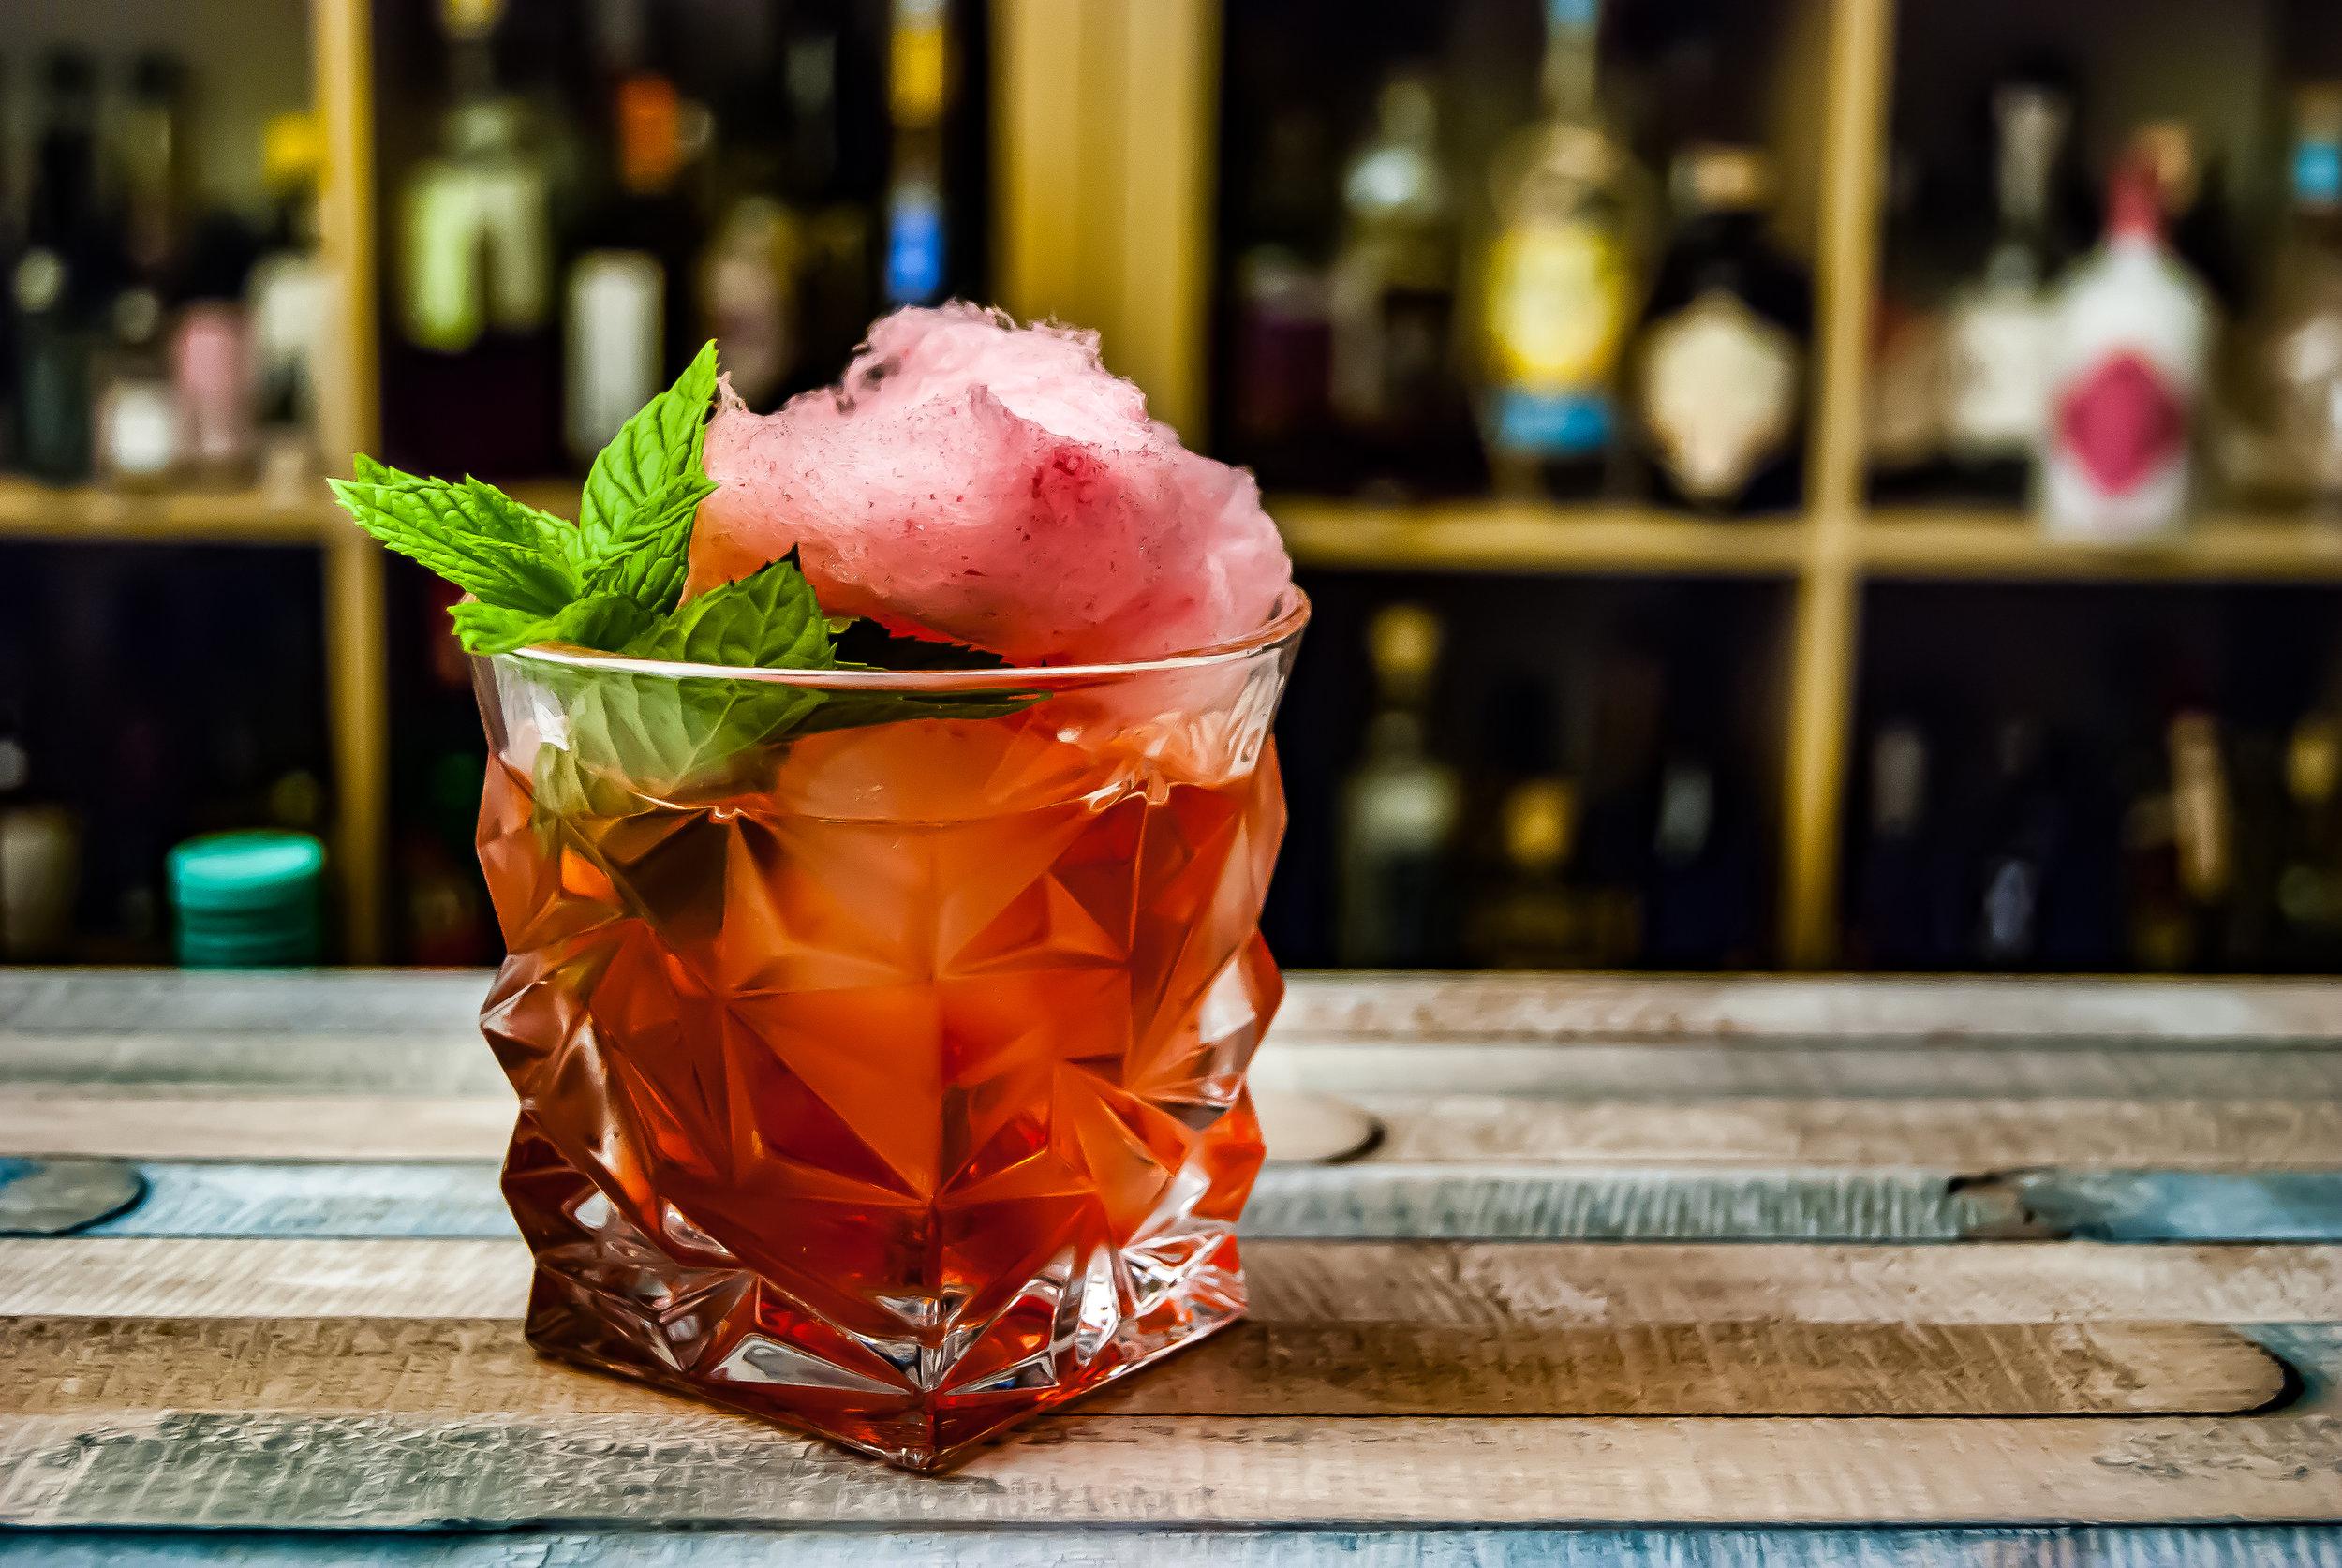 Happy Hours - Una de las cosas más costosas de NYC suele ser la bebelata. Darse dos cervezas o cócteles puede costar hasta $30 en un lugar común de Manhattan. Sin embargo, existen excelentes opciones de lugares para comer durante los Happy Hours que te permitirán pasarla súper sin gastar una fortuna.